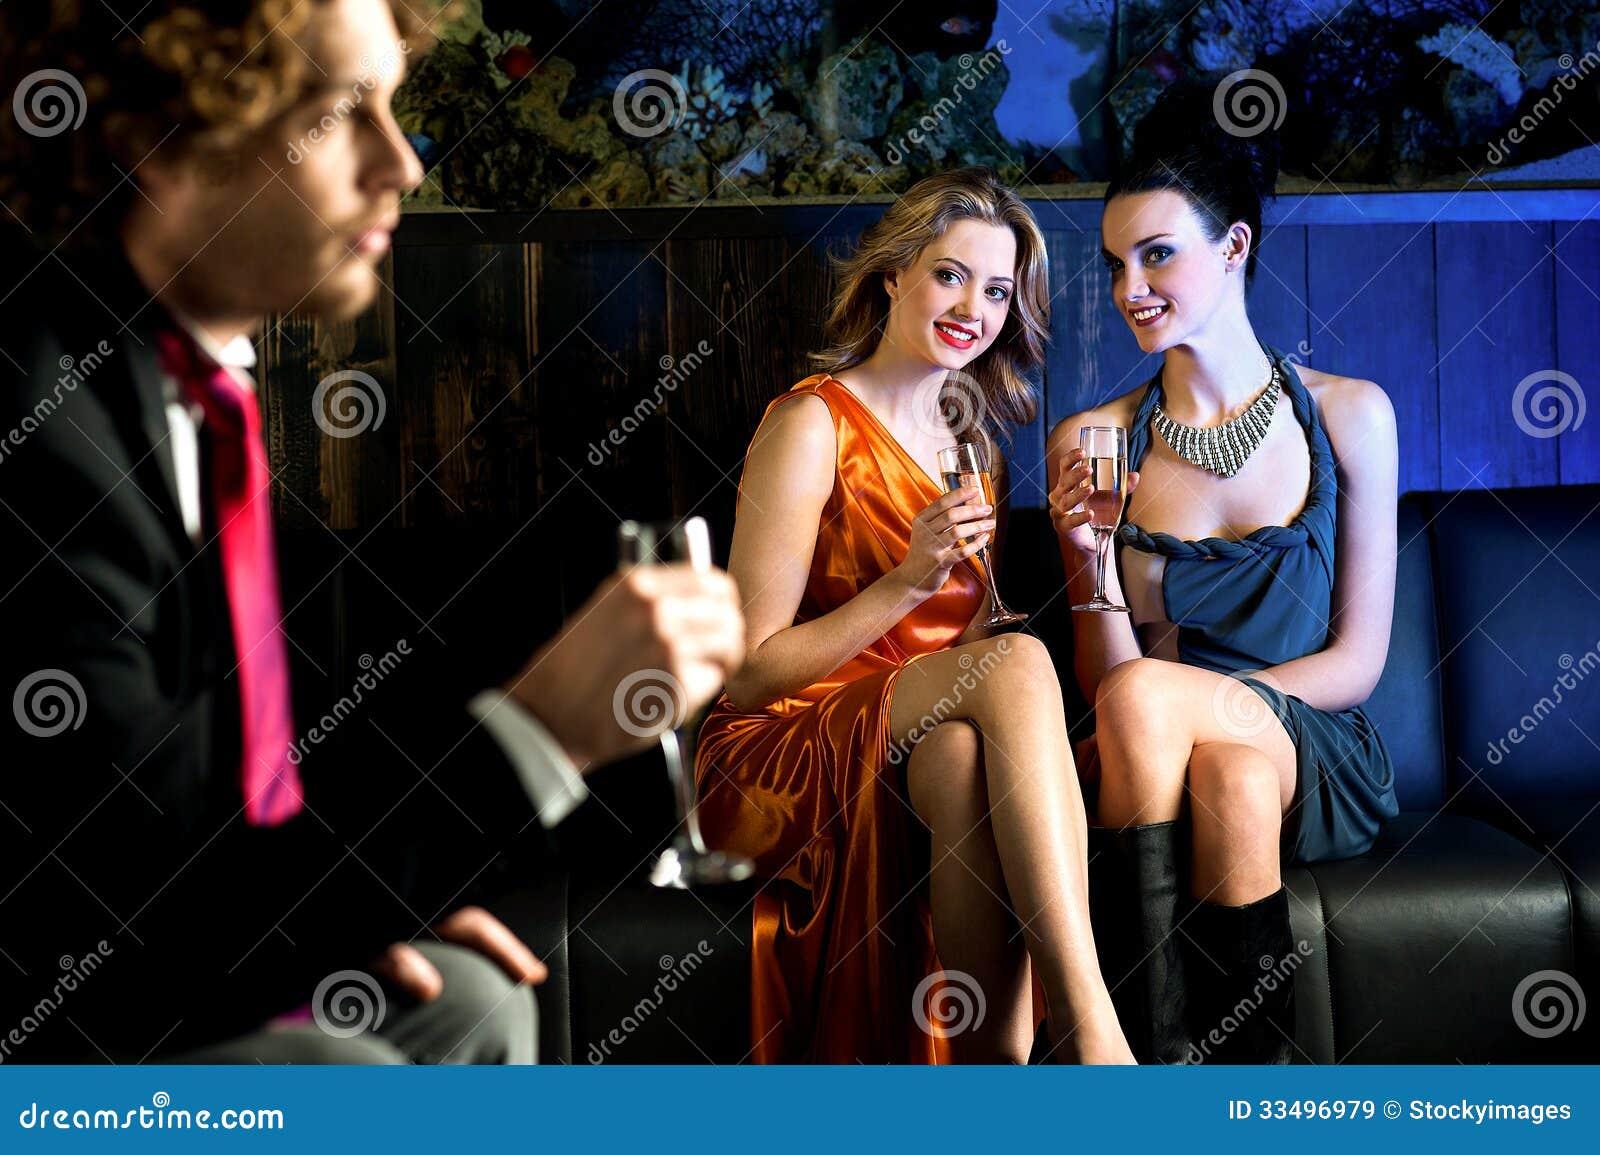 Chicas jóvenes coquetas que miran fijamente el individuo hermoso